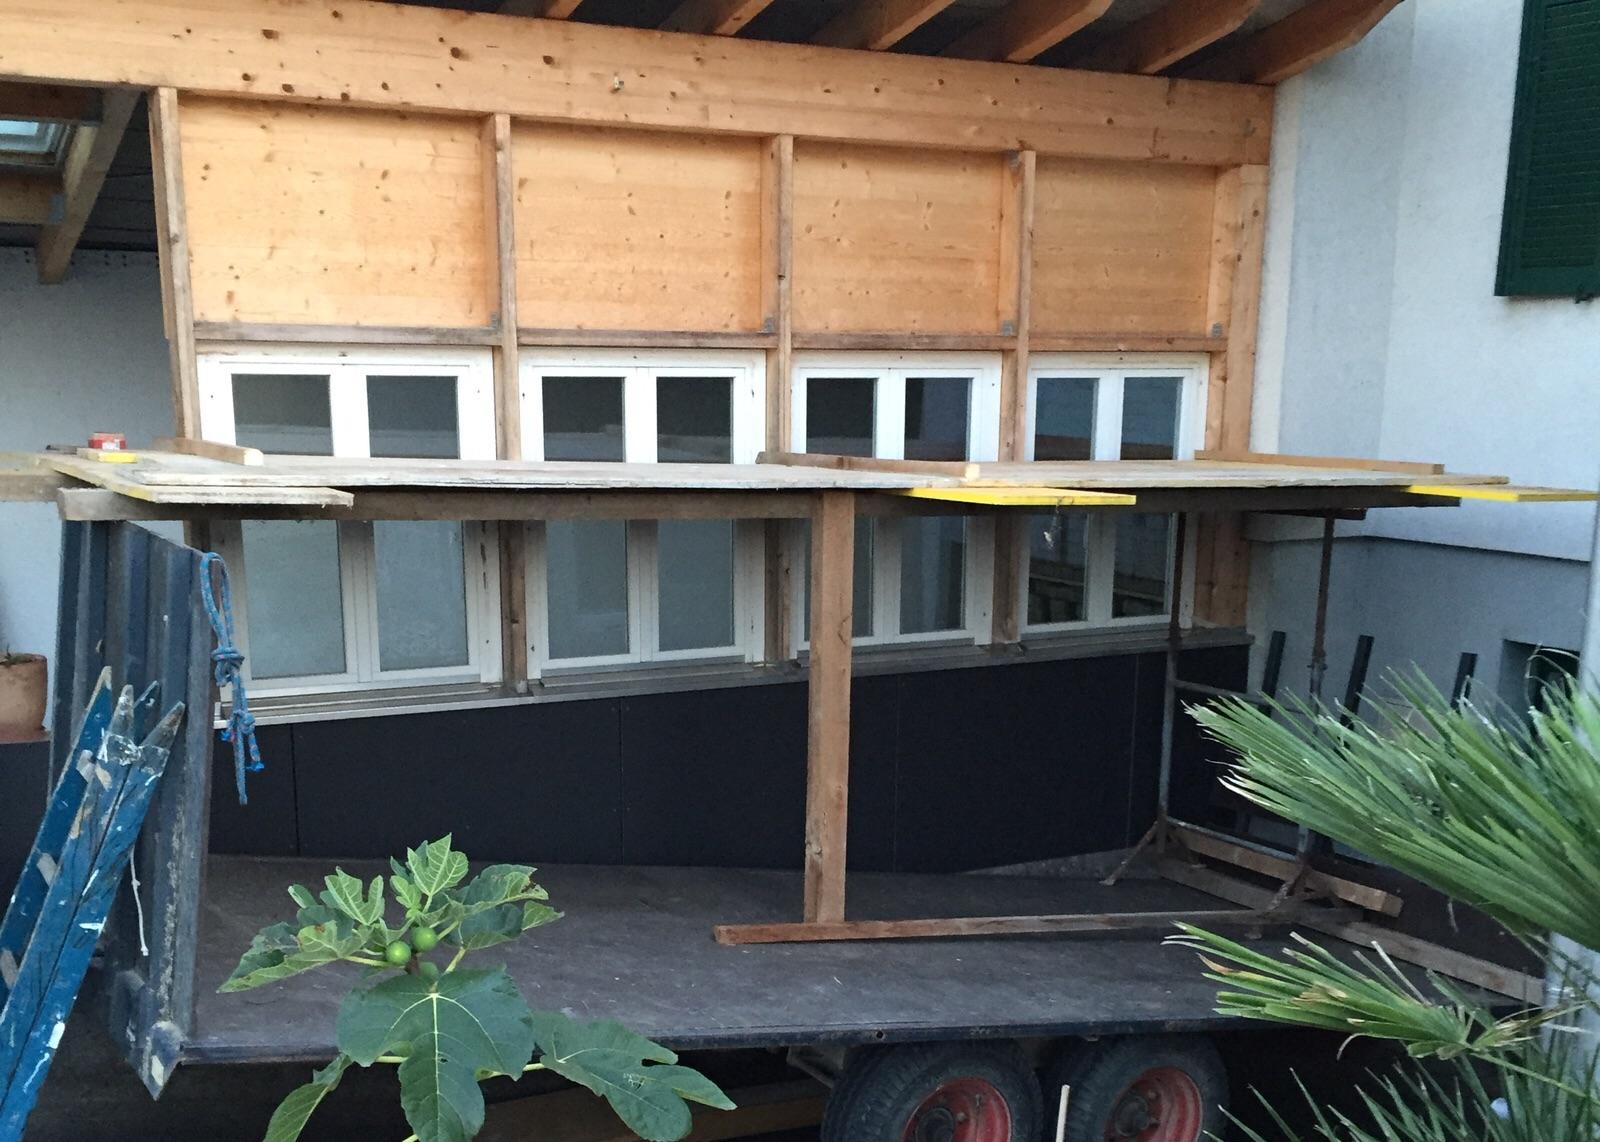 d cher w nde herzlich willkommen bei asm m ller. Black Bedroom Furniture Sets. Home Design Ideas